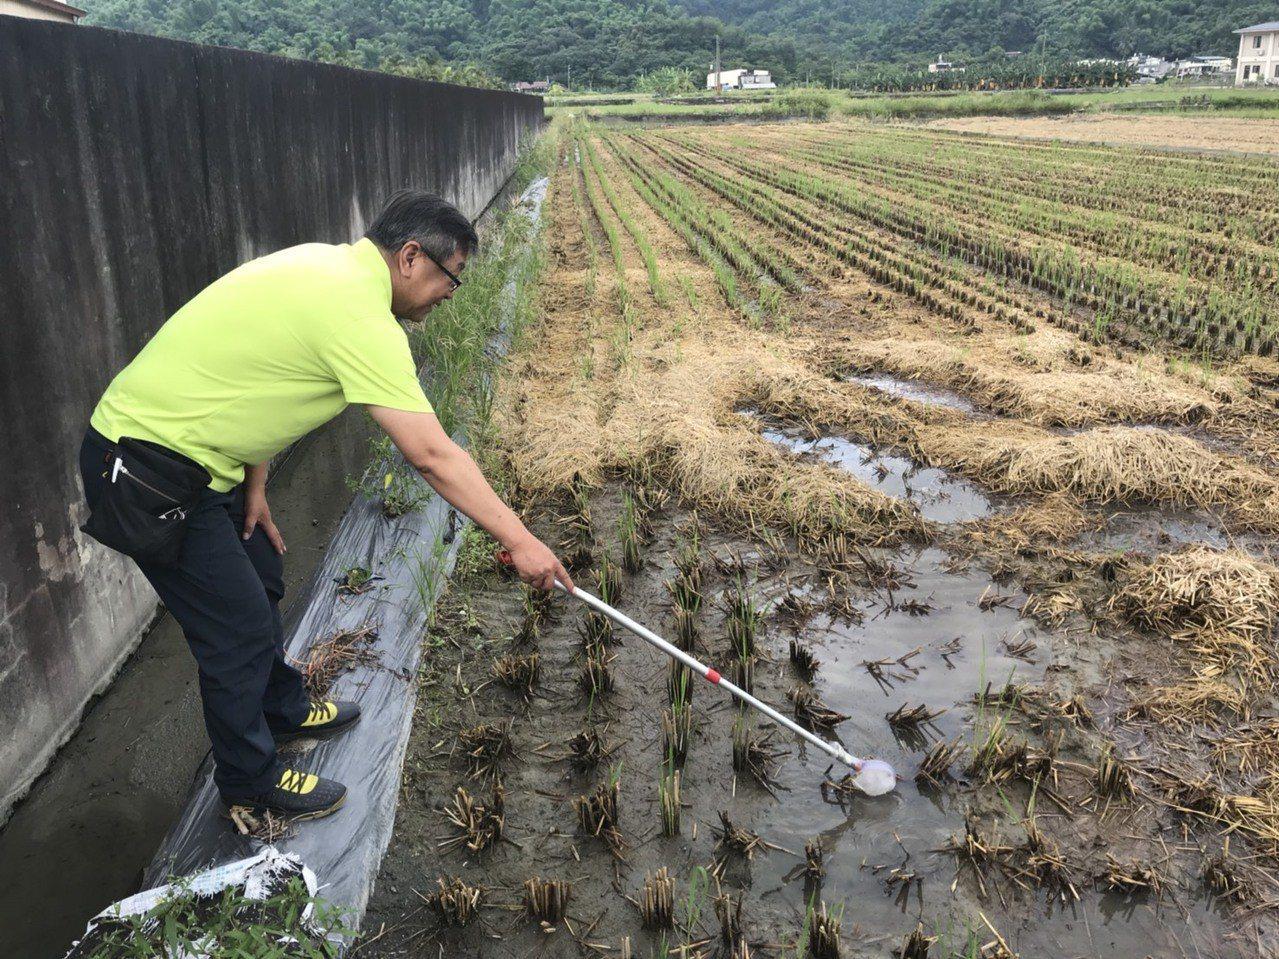 衛生單位在個案活動的美濃區進行日本腦炎相關疫情調查。圖/高雄市衛生局提供